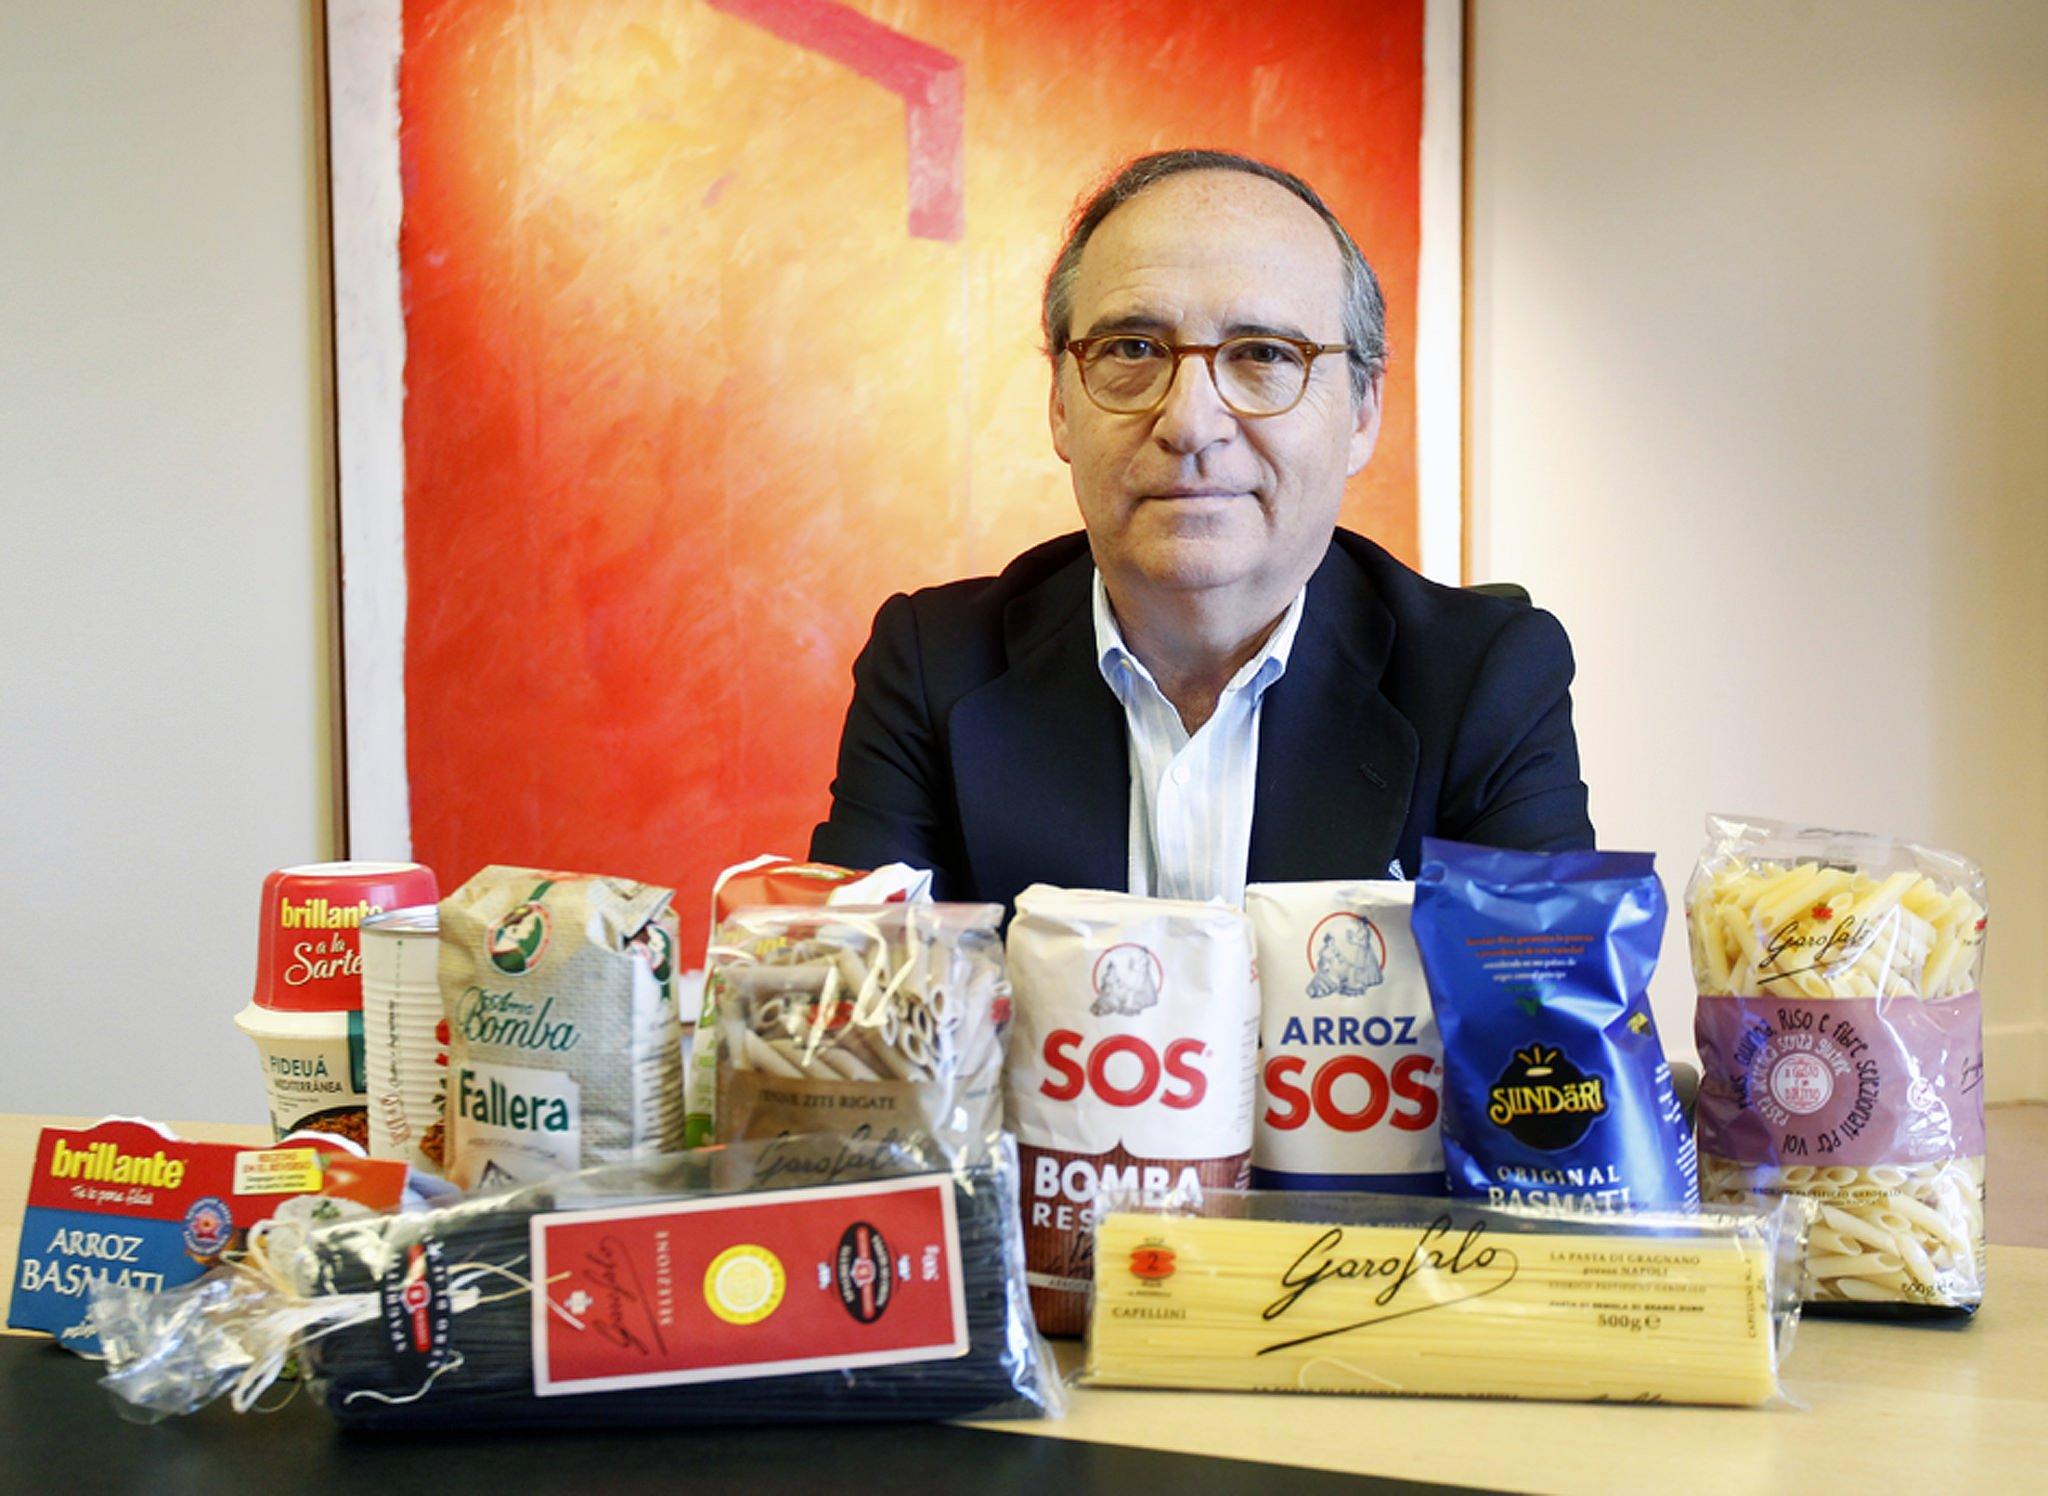 Antonio Hernández Callejas es presidente ejecutivo de Ebro Foods desde 2005 y su familia controla el 15,922% del capital